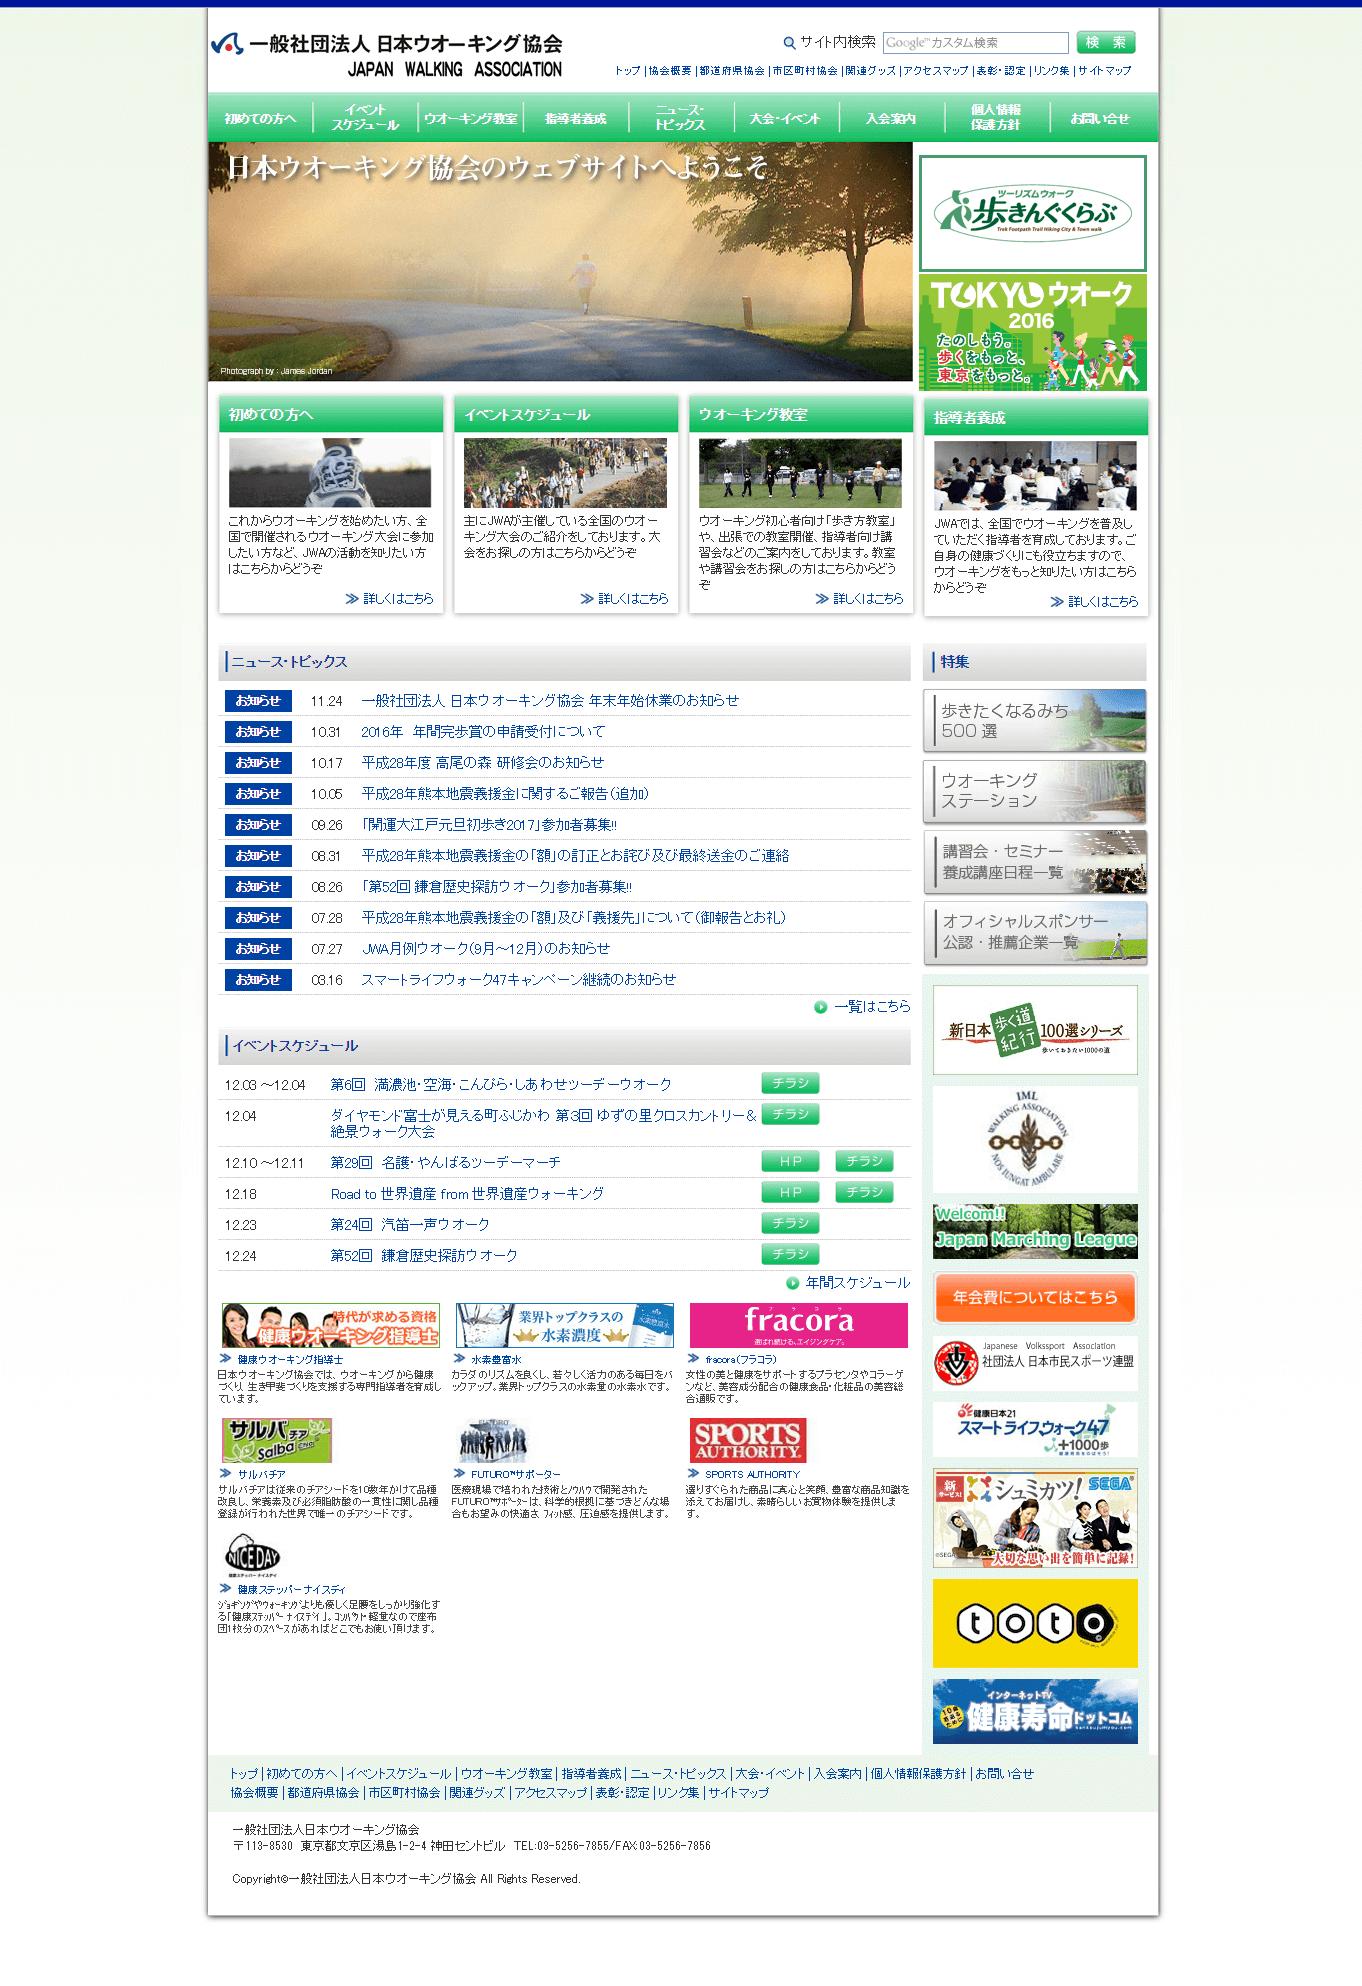 一般社団法人 日本ウオーキング協会スクリーンショット